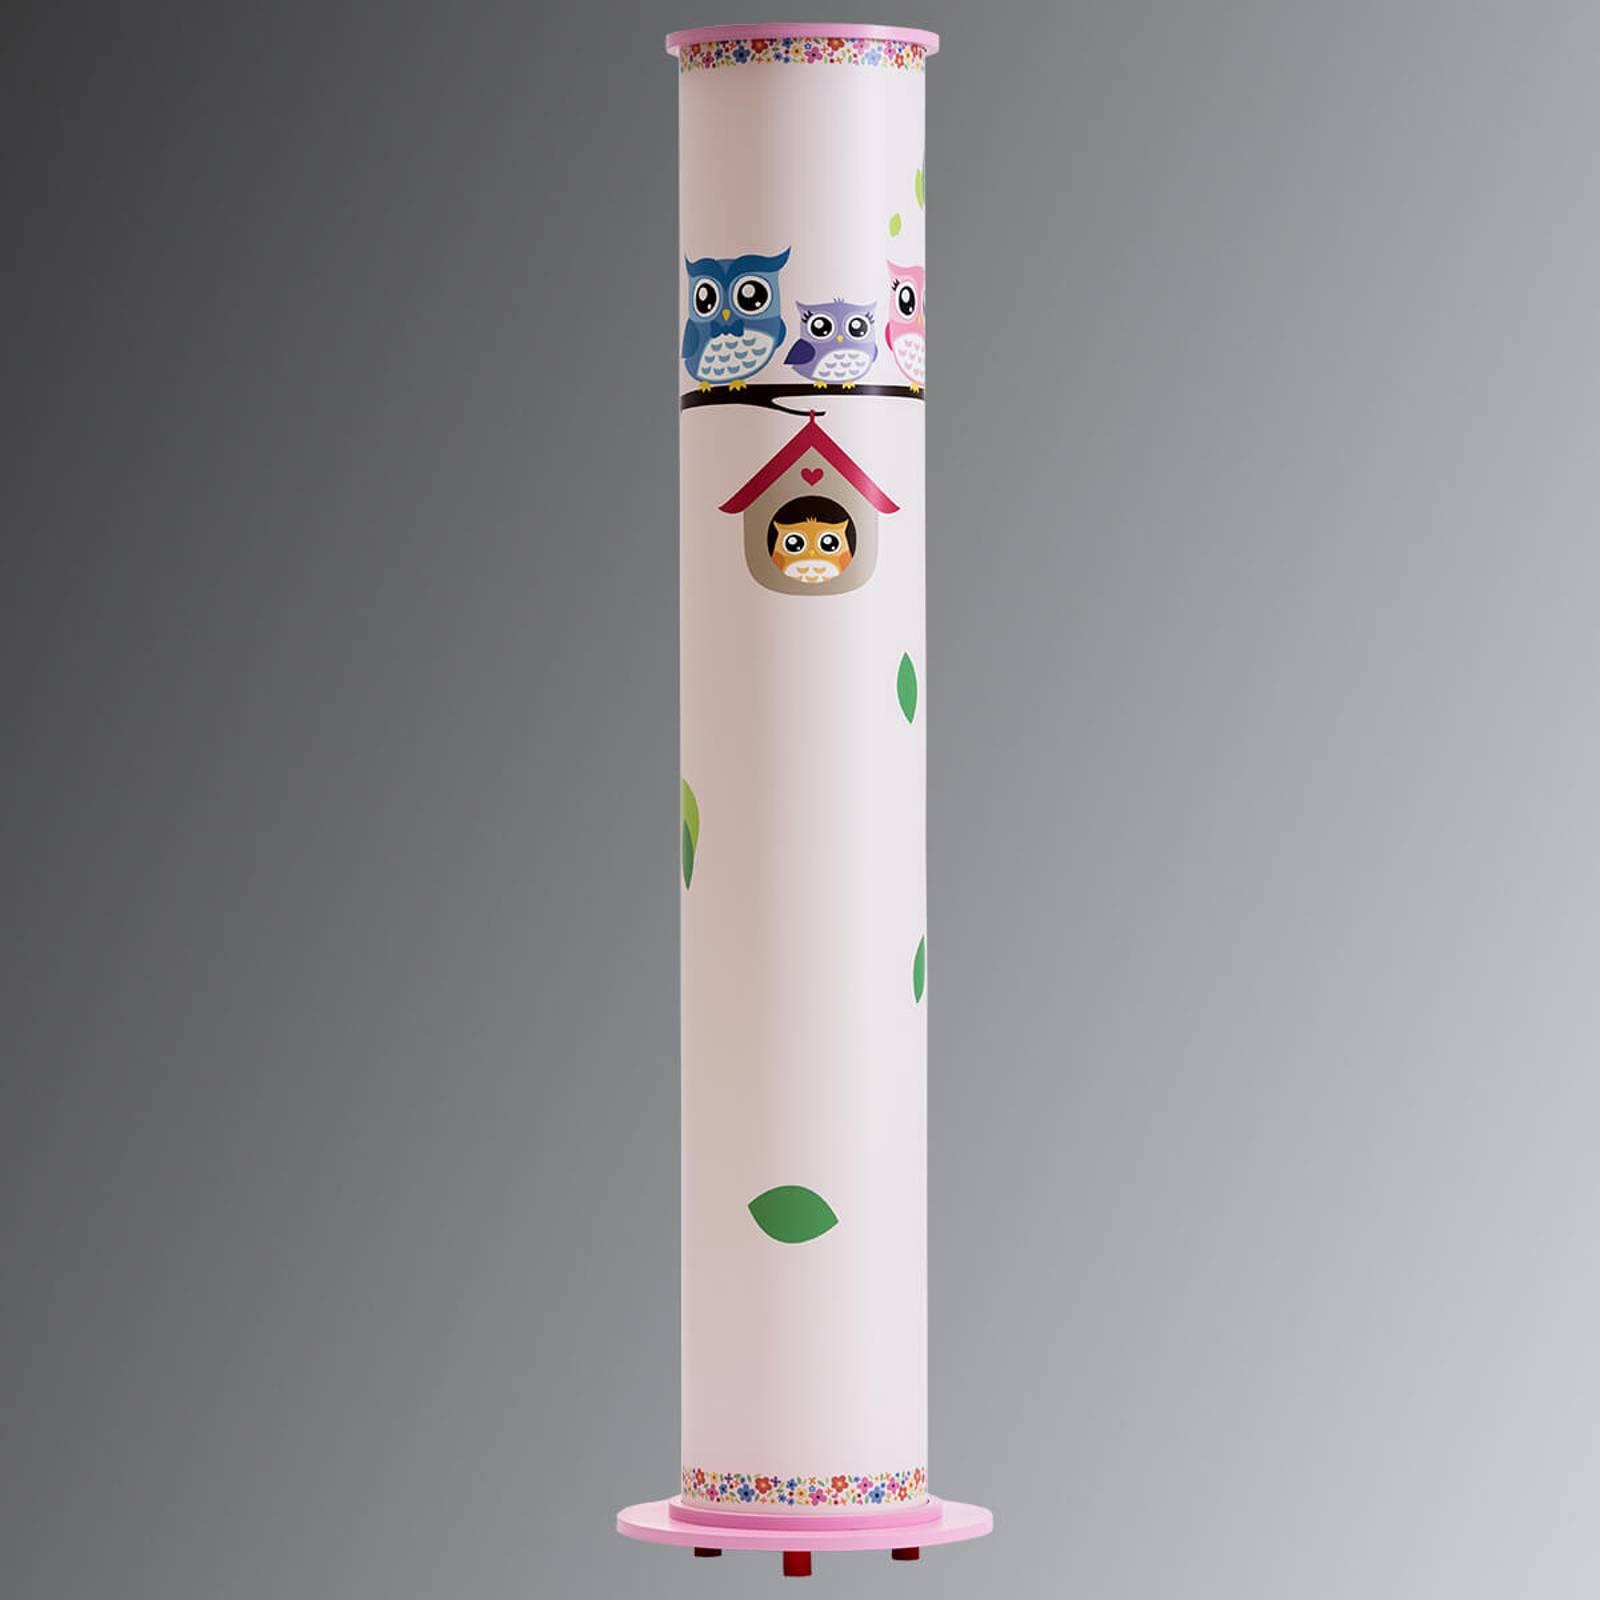 Vloerlamp Uil voor de kinderkamer, wit-roze